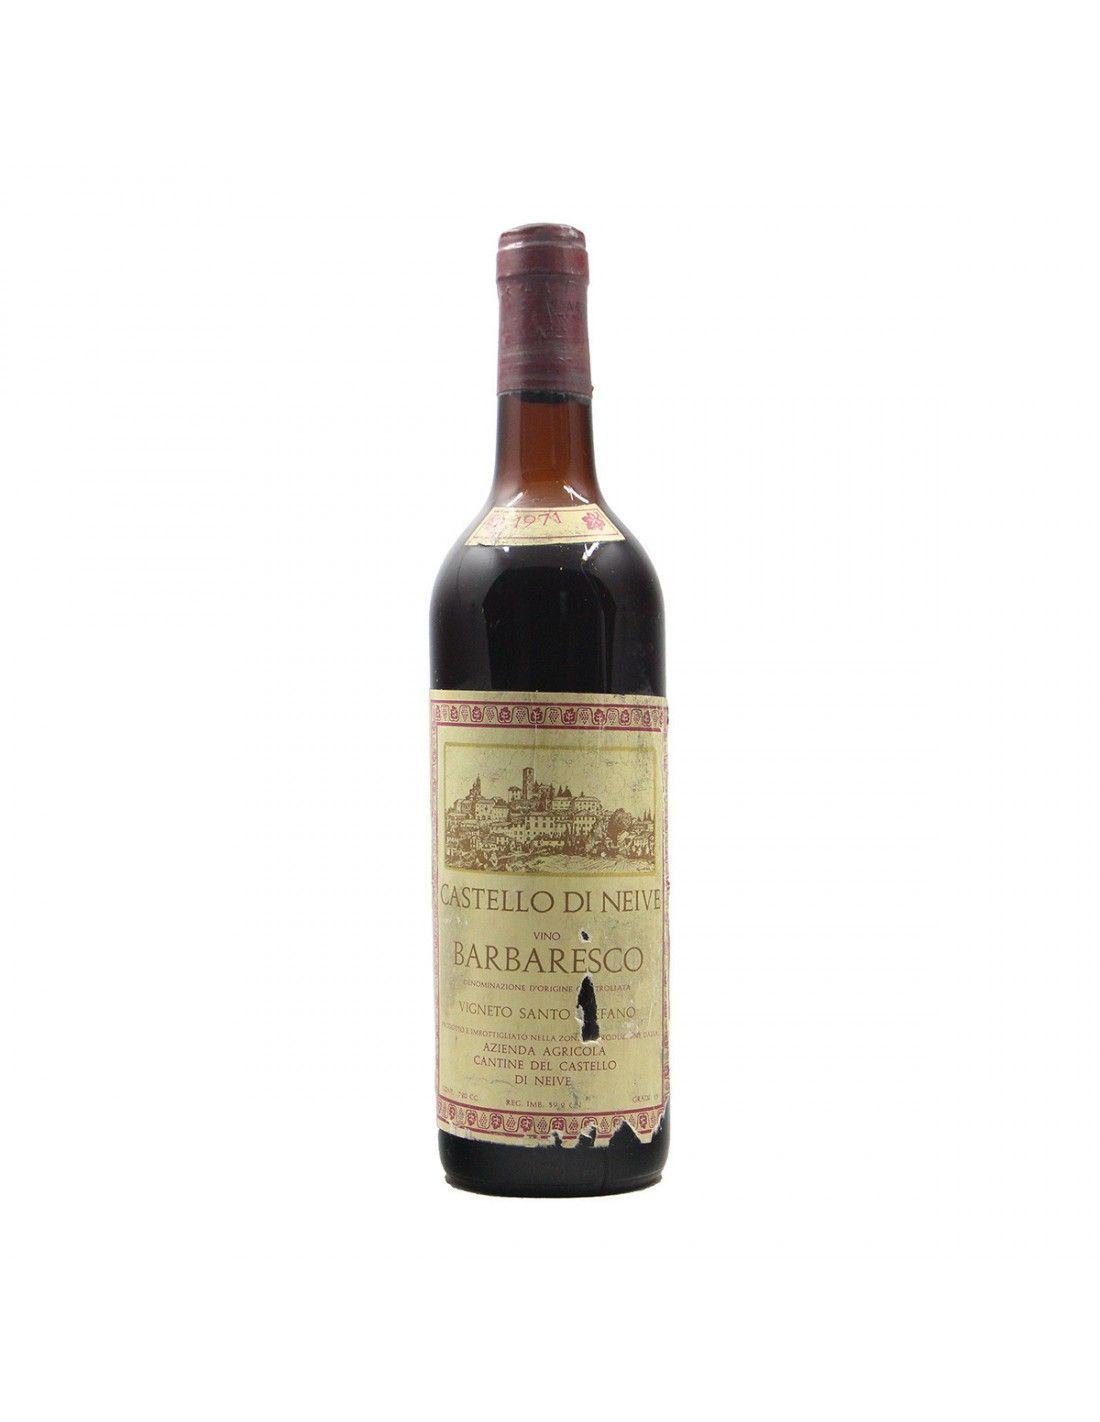 BARBARESCO LOW LEVEL 1971 CASTELLO DI NEIVE Grandi Bottiglie